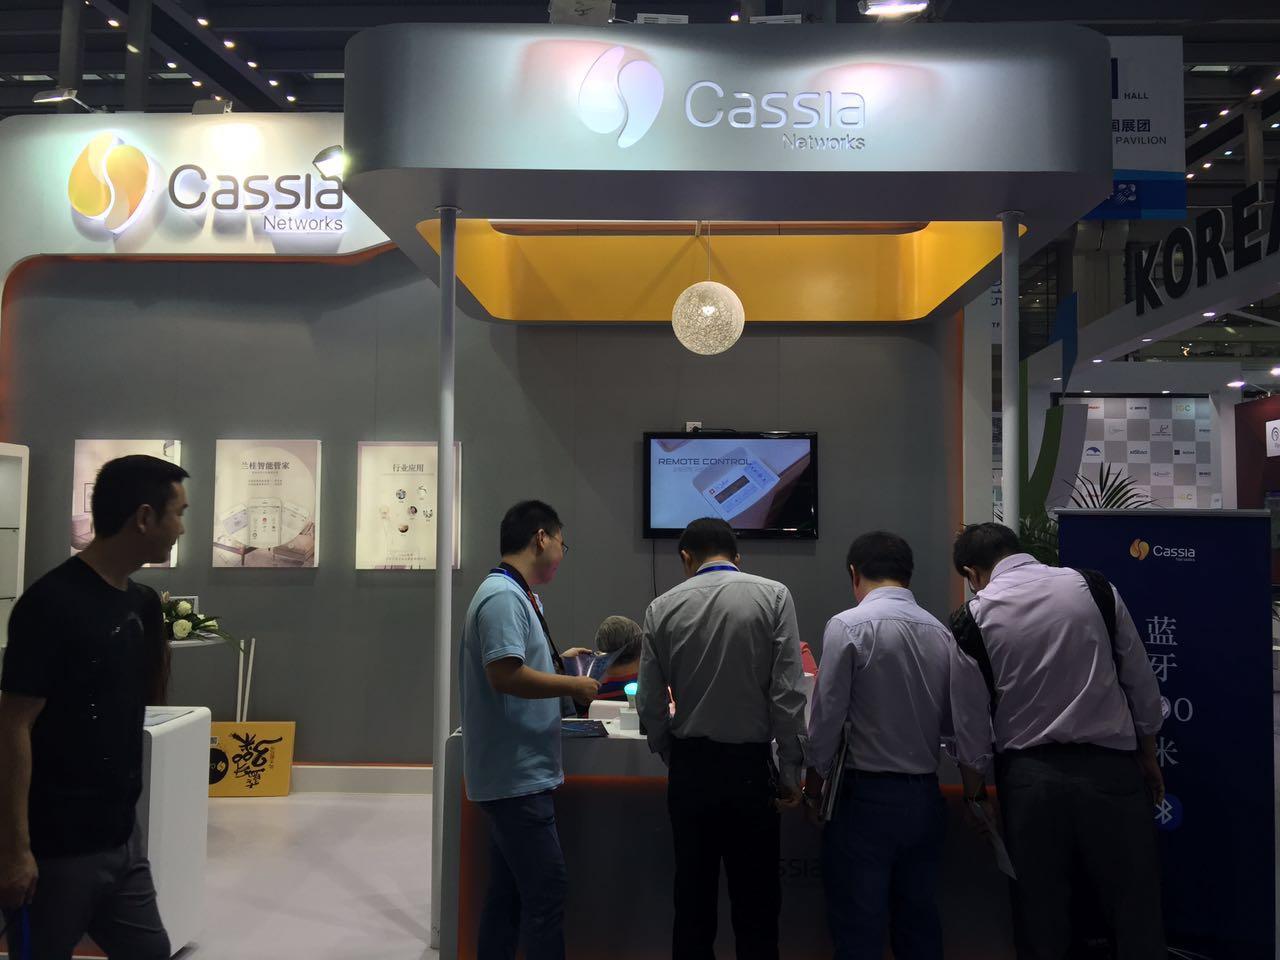 Cassia携带实用专利项目 亮相深圳高交会吸引众多人士